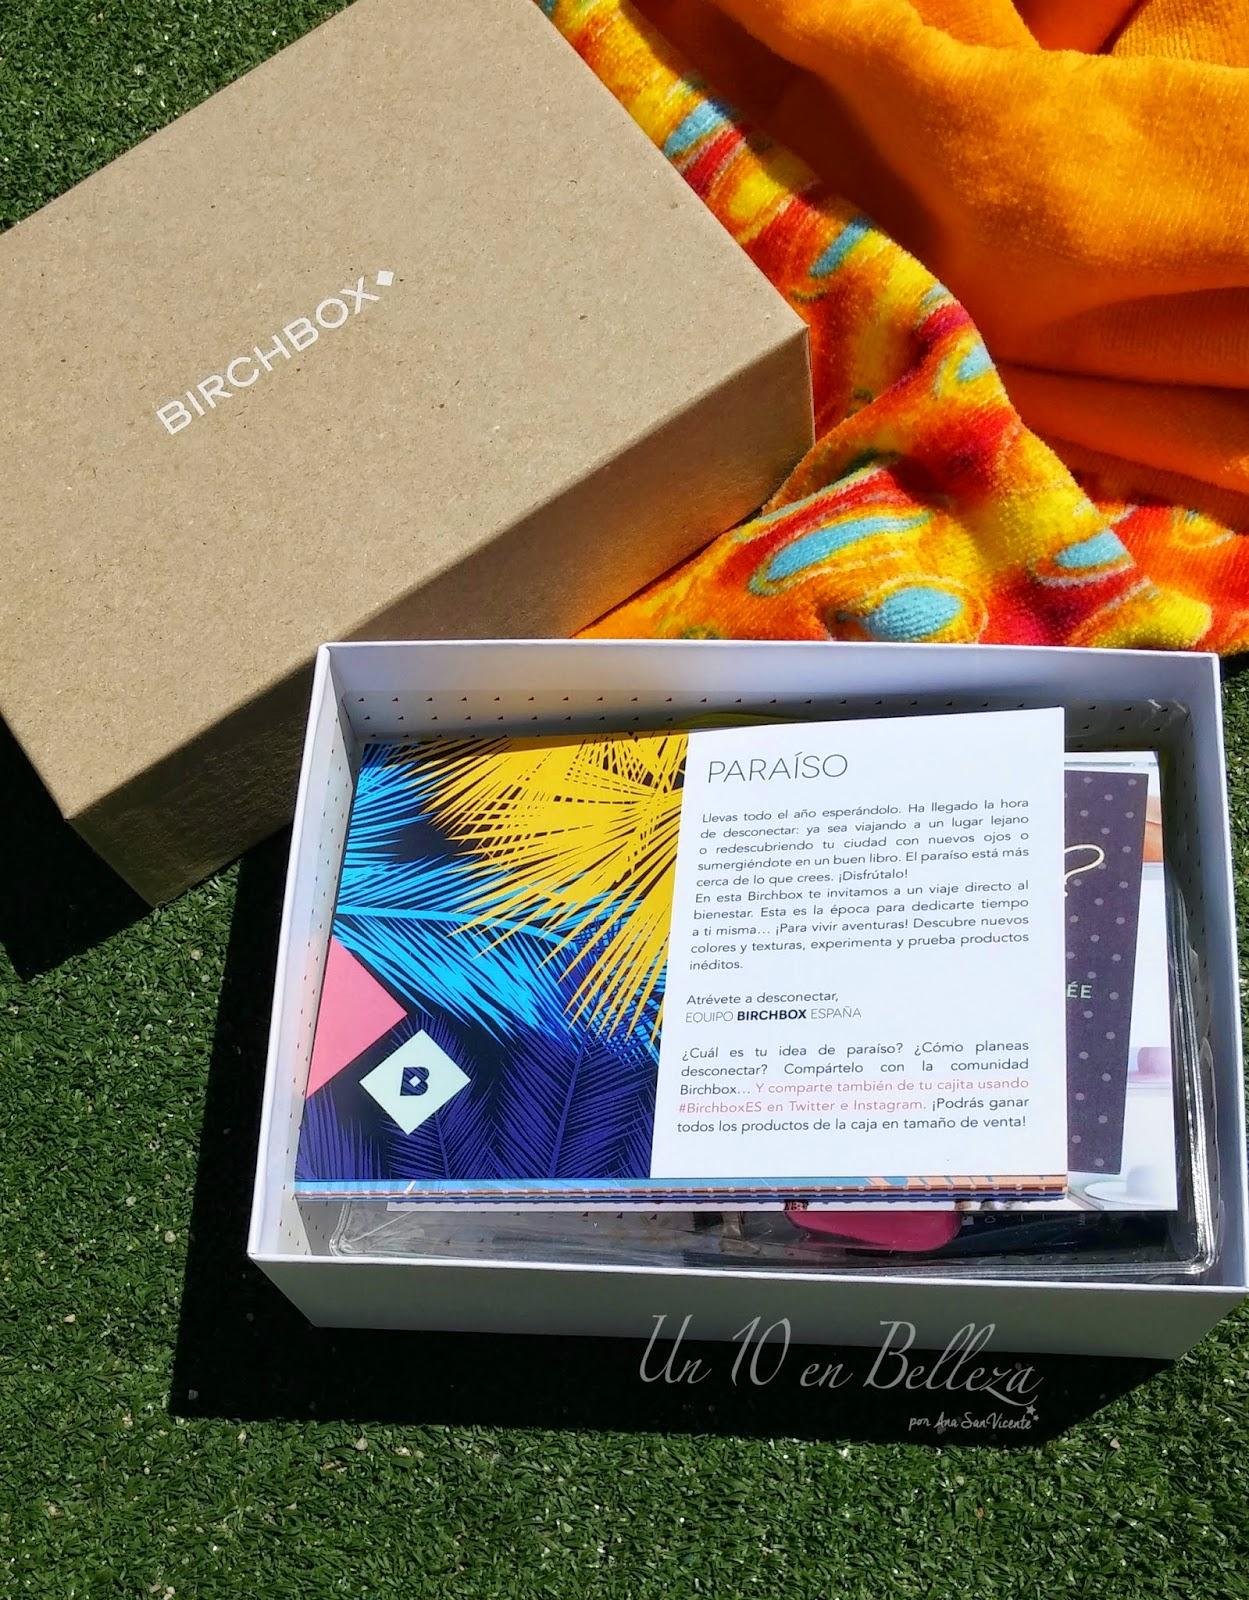 belleza, birchbox, Birchbox Paraíso, caja de muestras, verano